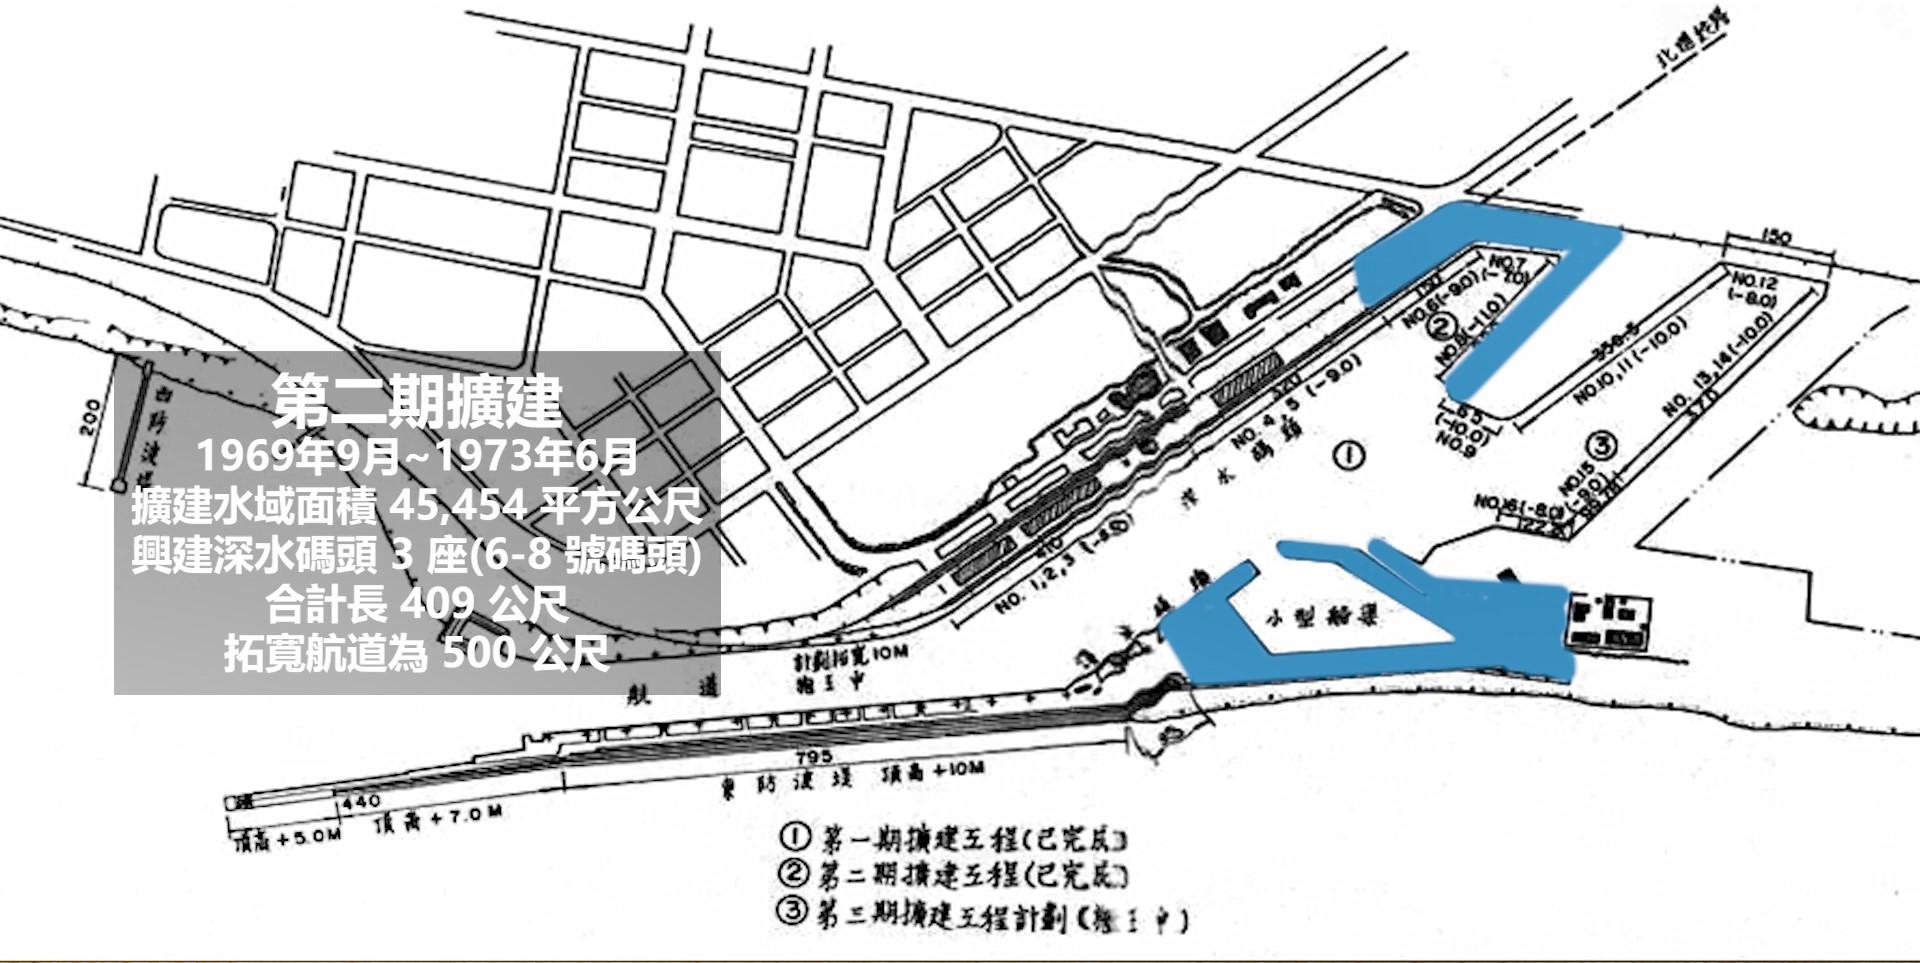 花蓮港>第二期擴建工程:擴建水域面積,興建深水碼頭三座(6-8號碼頭),拓寬航道500 公尺,年吞吐量達一百十萬噸。